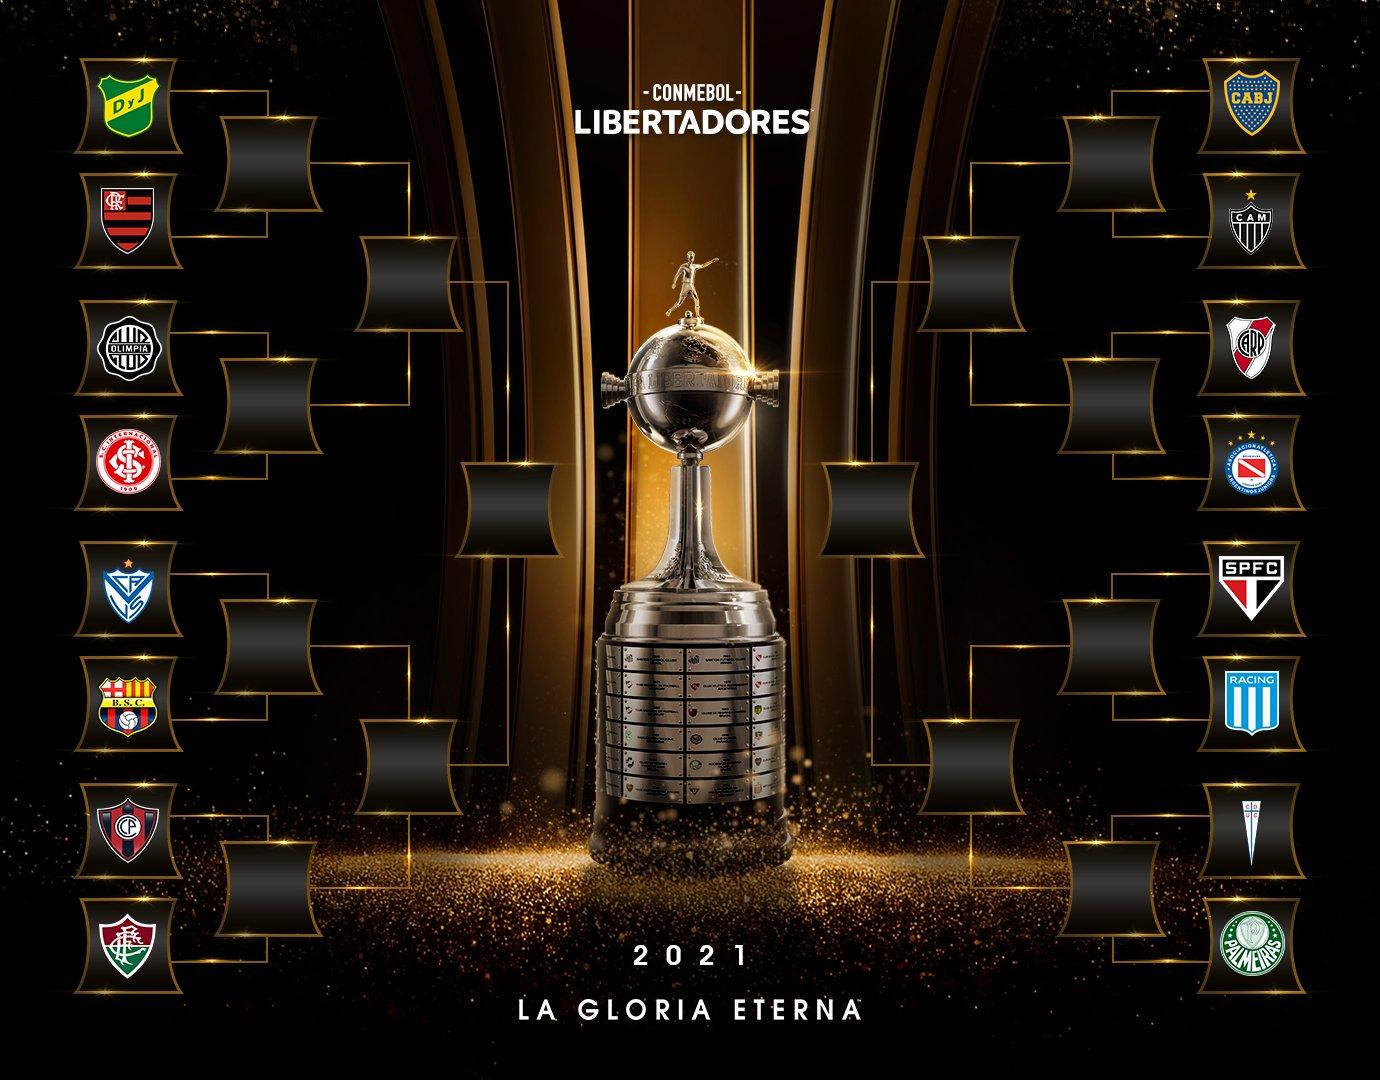 Chaveamento da Libertadores 2021